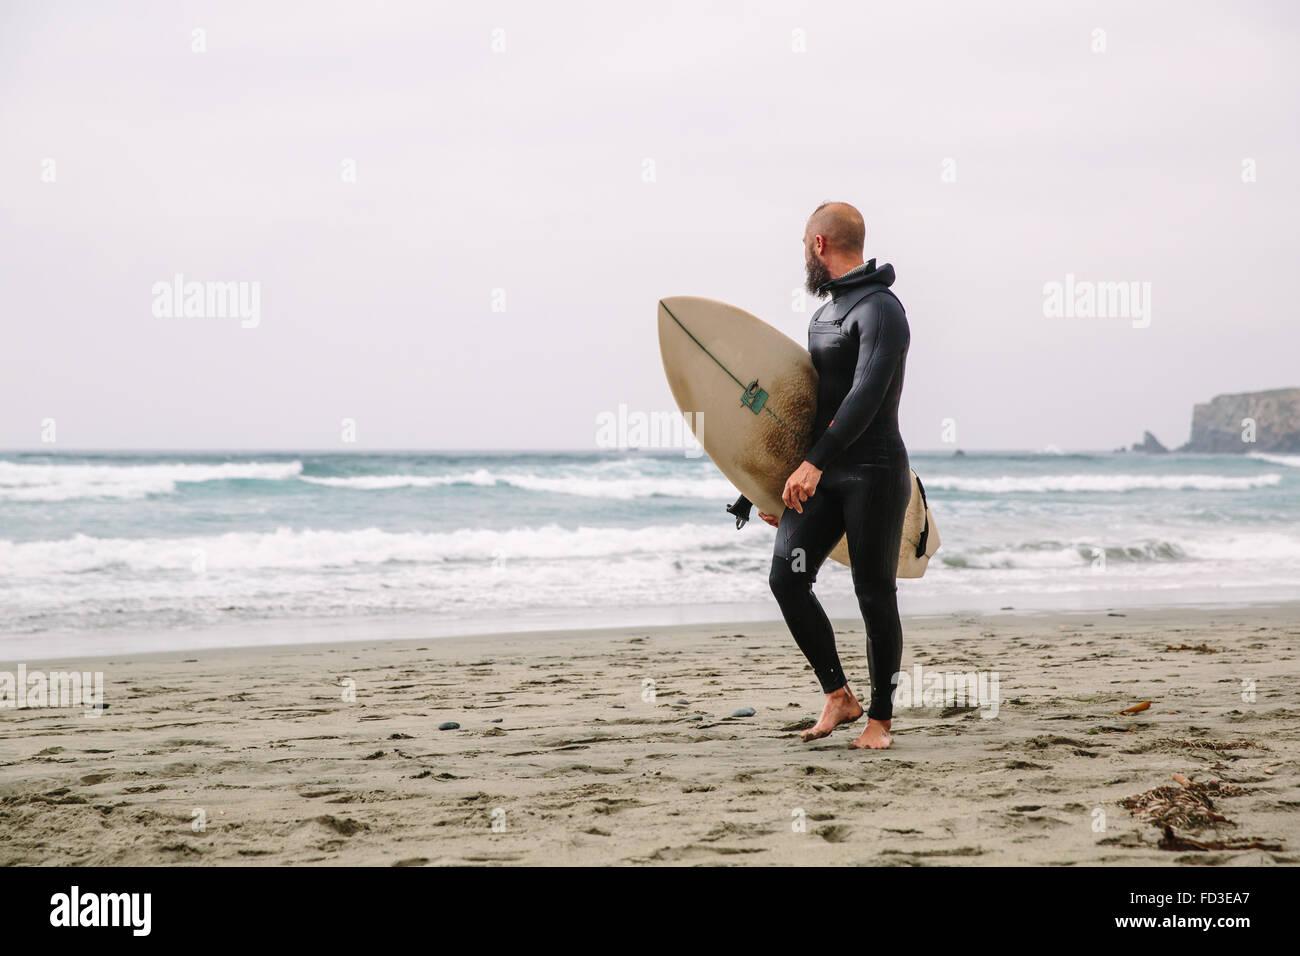 Un surfista passeggiate in dall'acqua dopo un giorno di onde in Big Sur, California. Immagini Stock